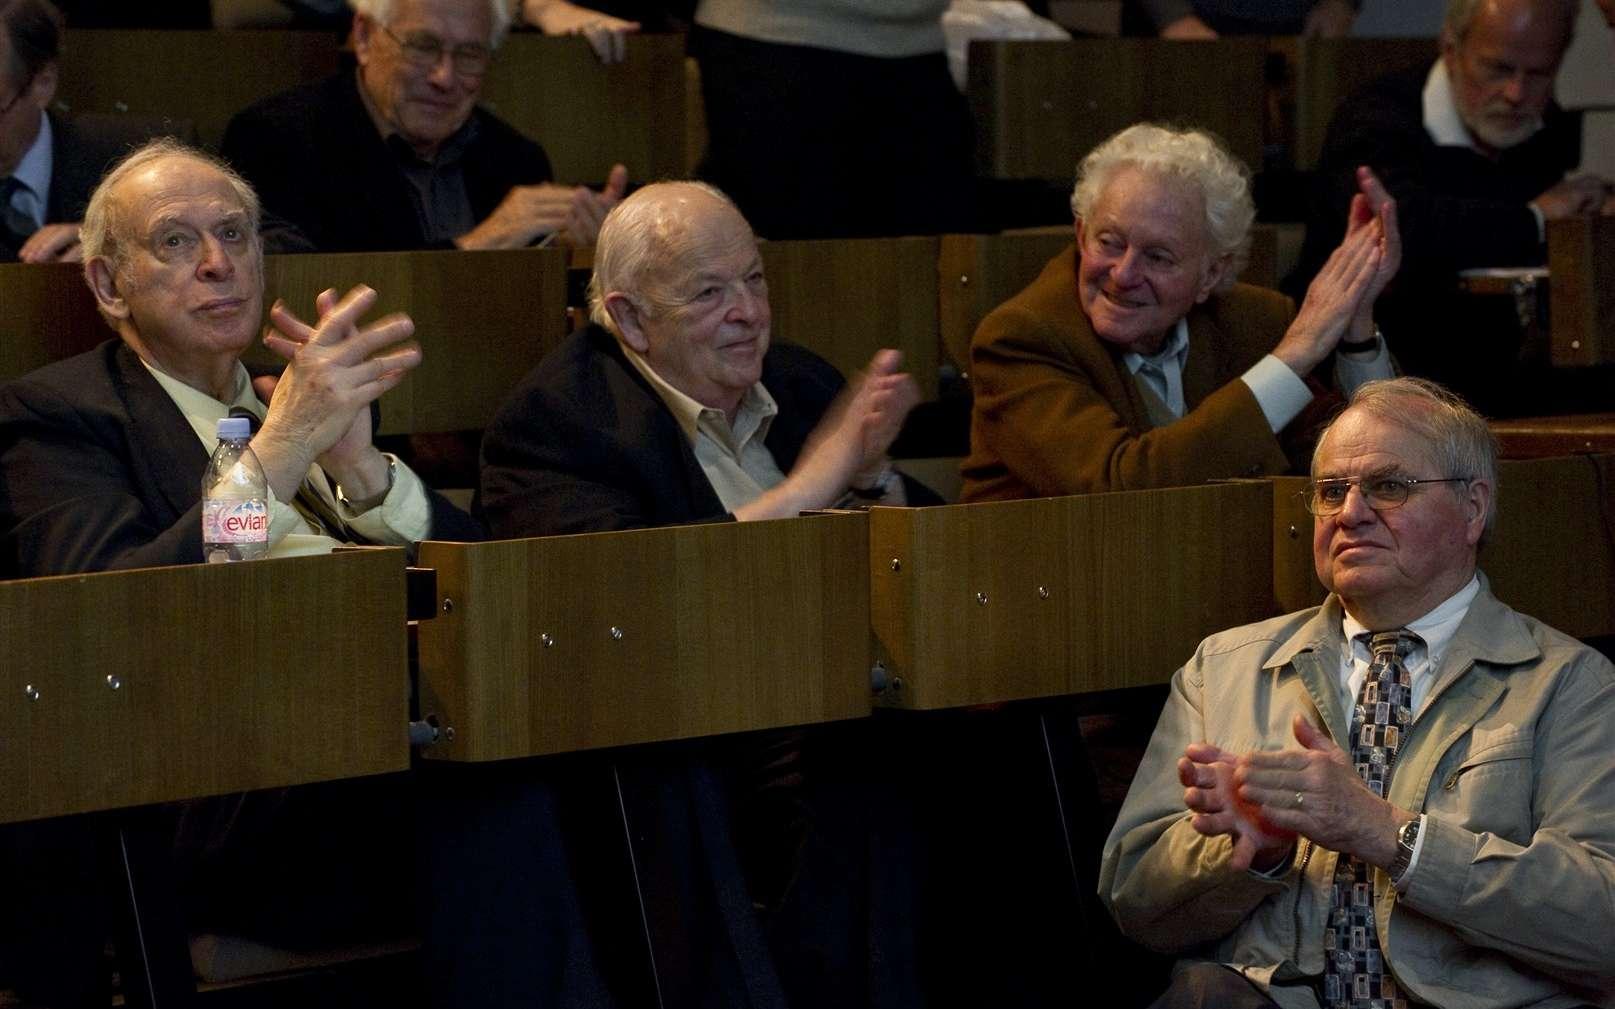 De gauche à droite, Jerome Friedman, Burton Richter, Leon Lederman. Crédit : Cern-Jean-Claude Gadmer